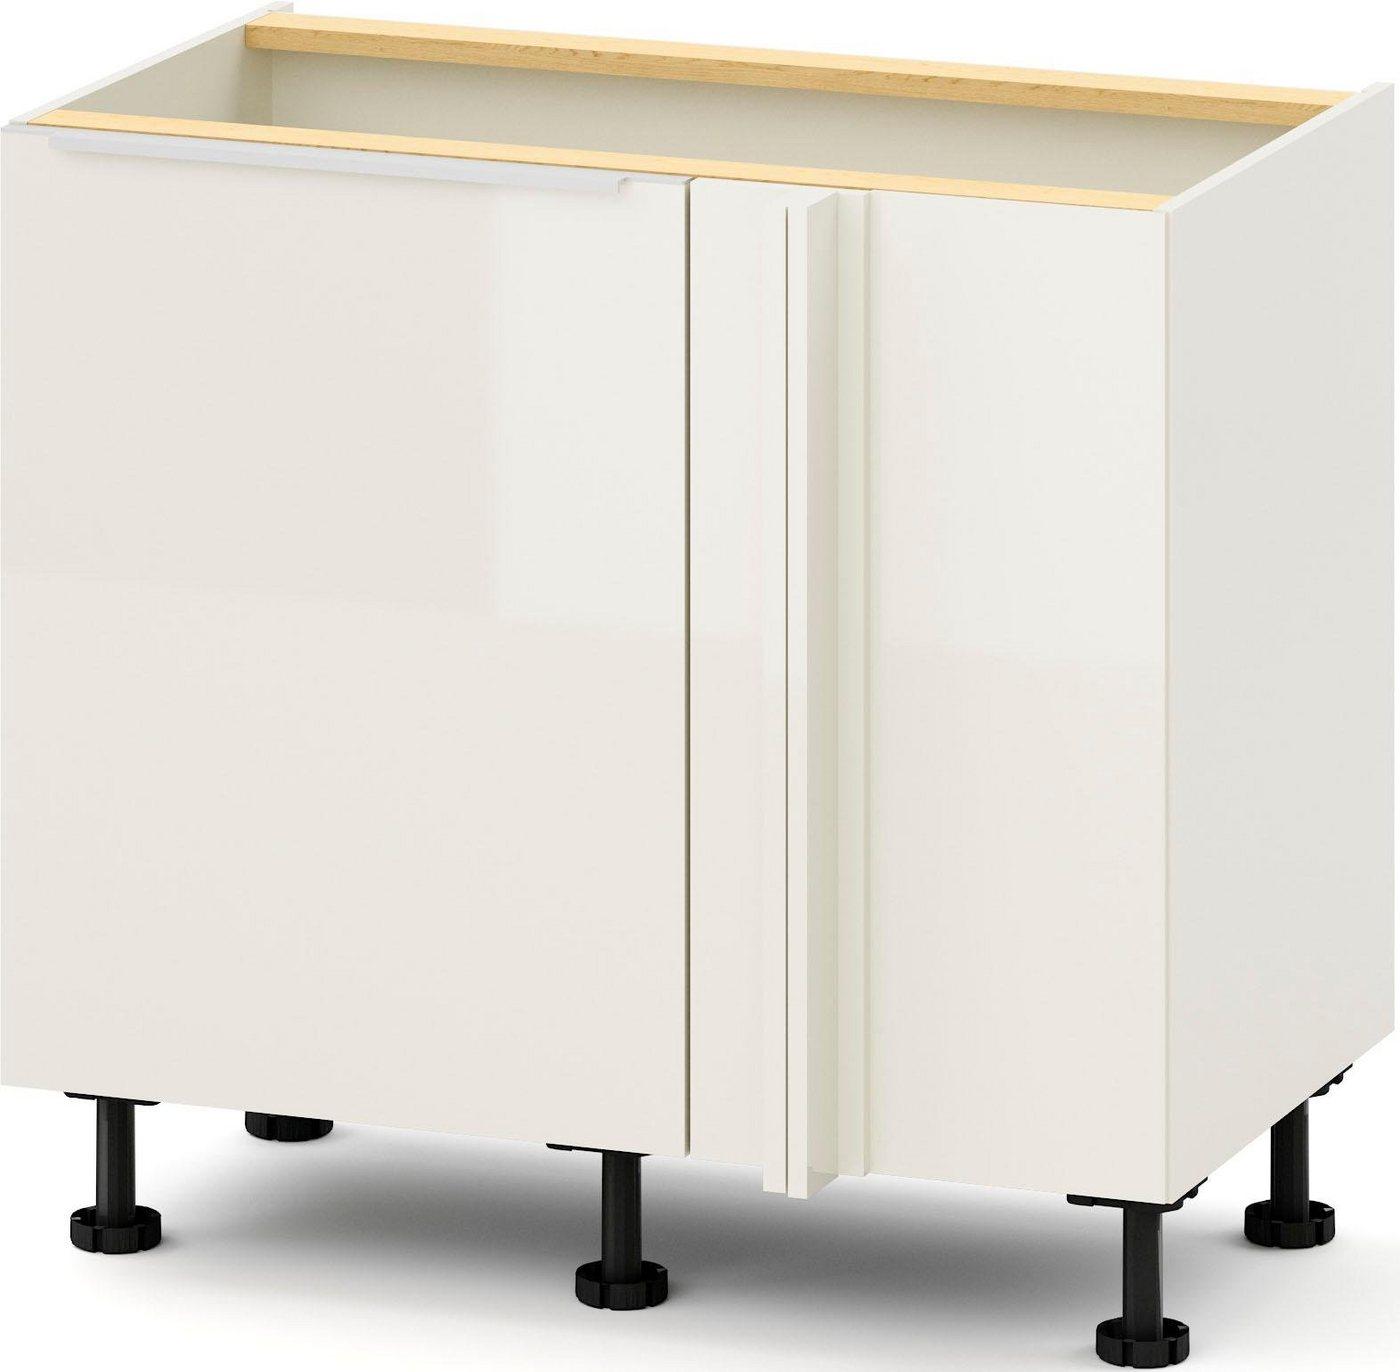 S+ by Störmer Eckunterschrank »Melle Premium« mit zwei LeMans Schwenkböden, vormontiert | Küche und Esszimmer > Küchenschränke > Küchen-Unterschränke | Weiß | S+ by Störmer